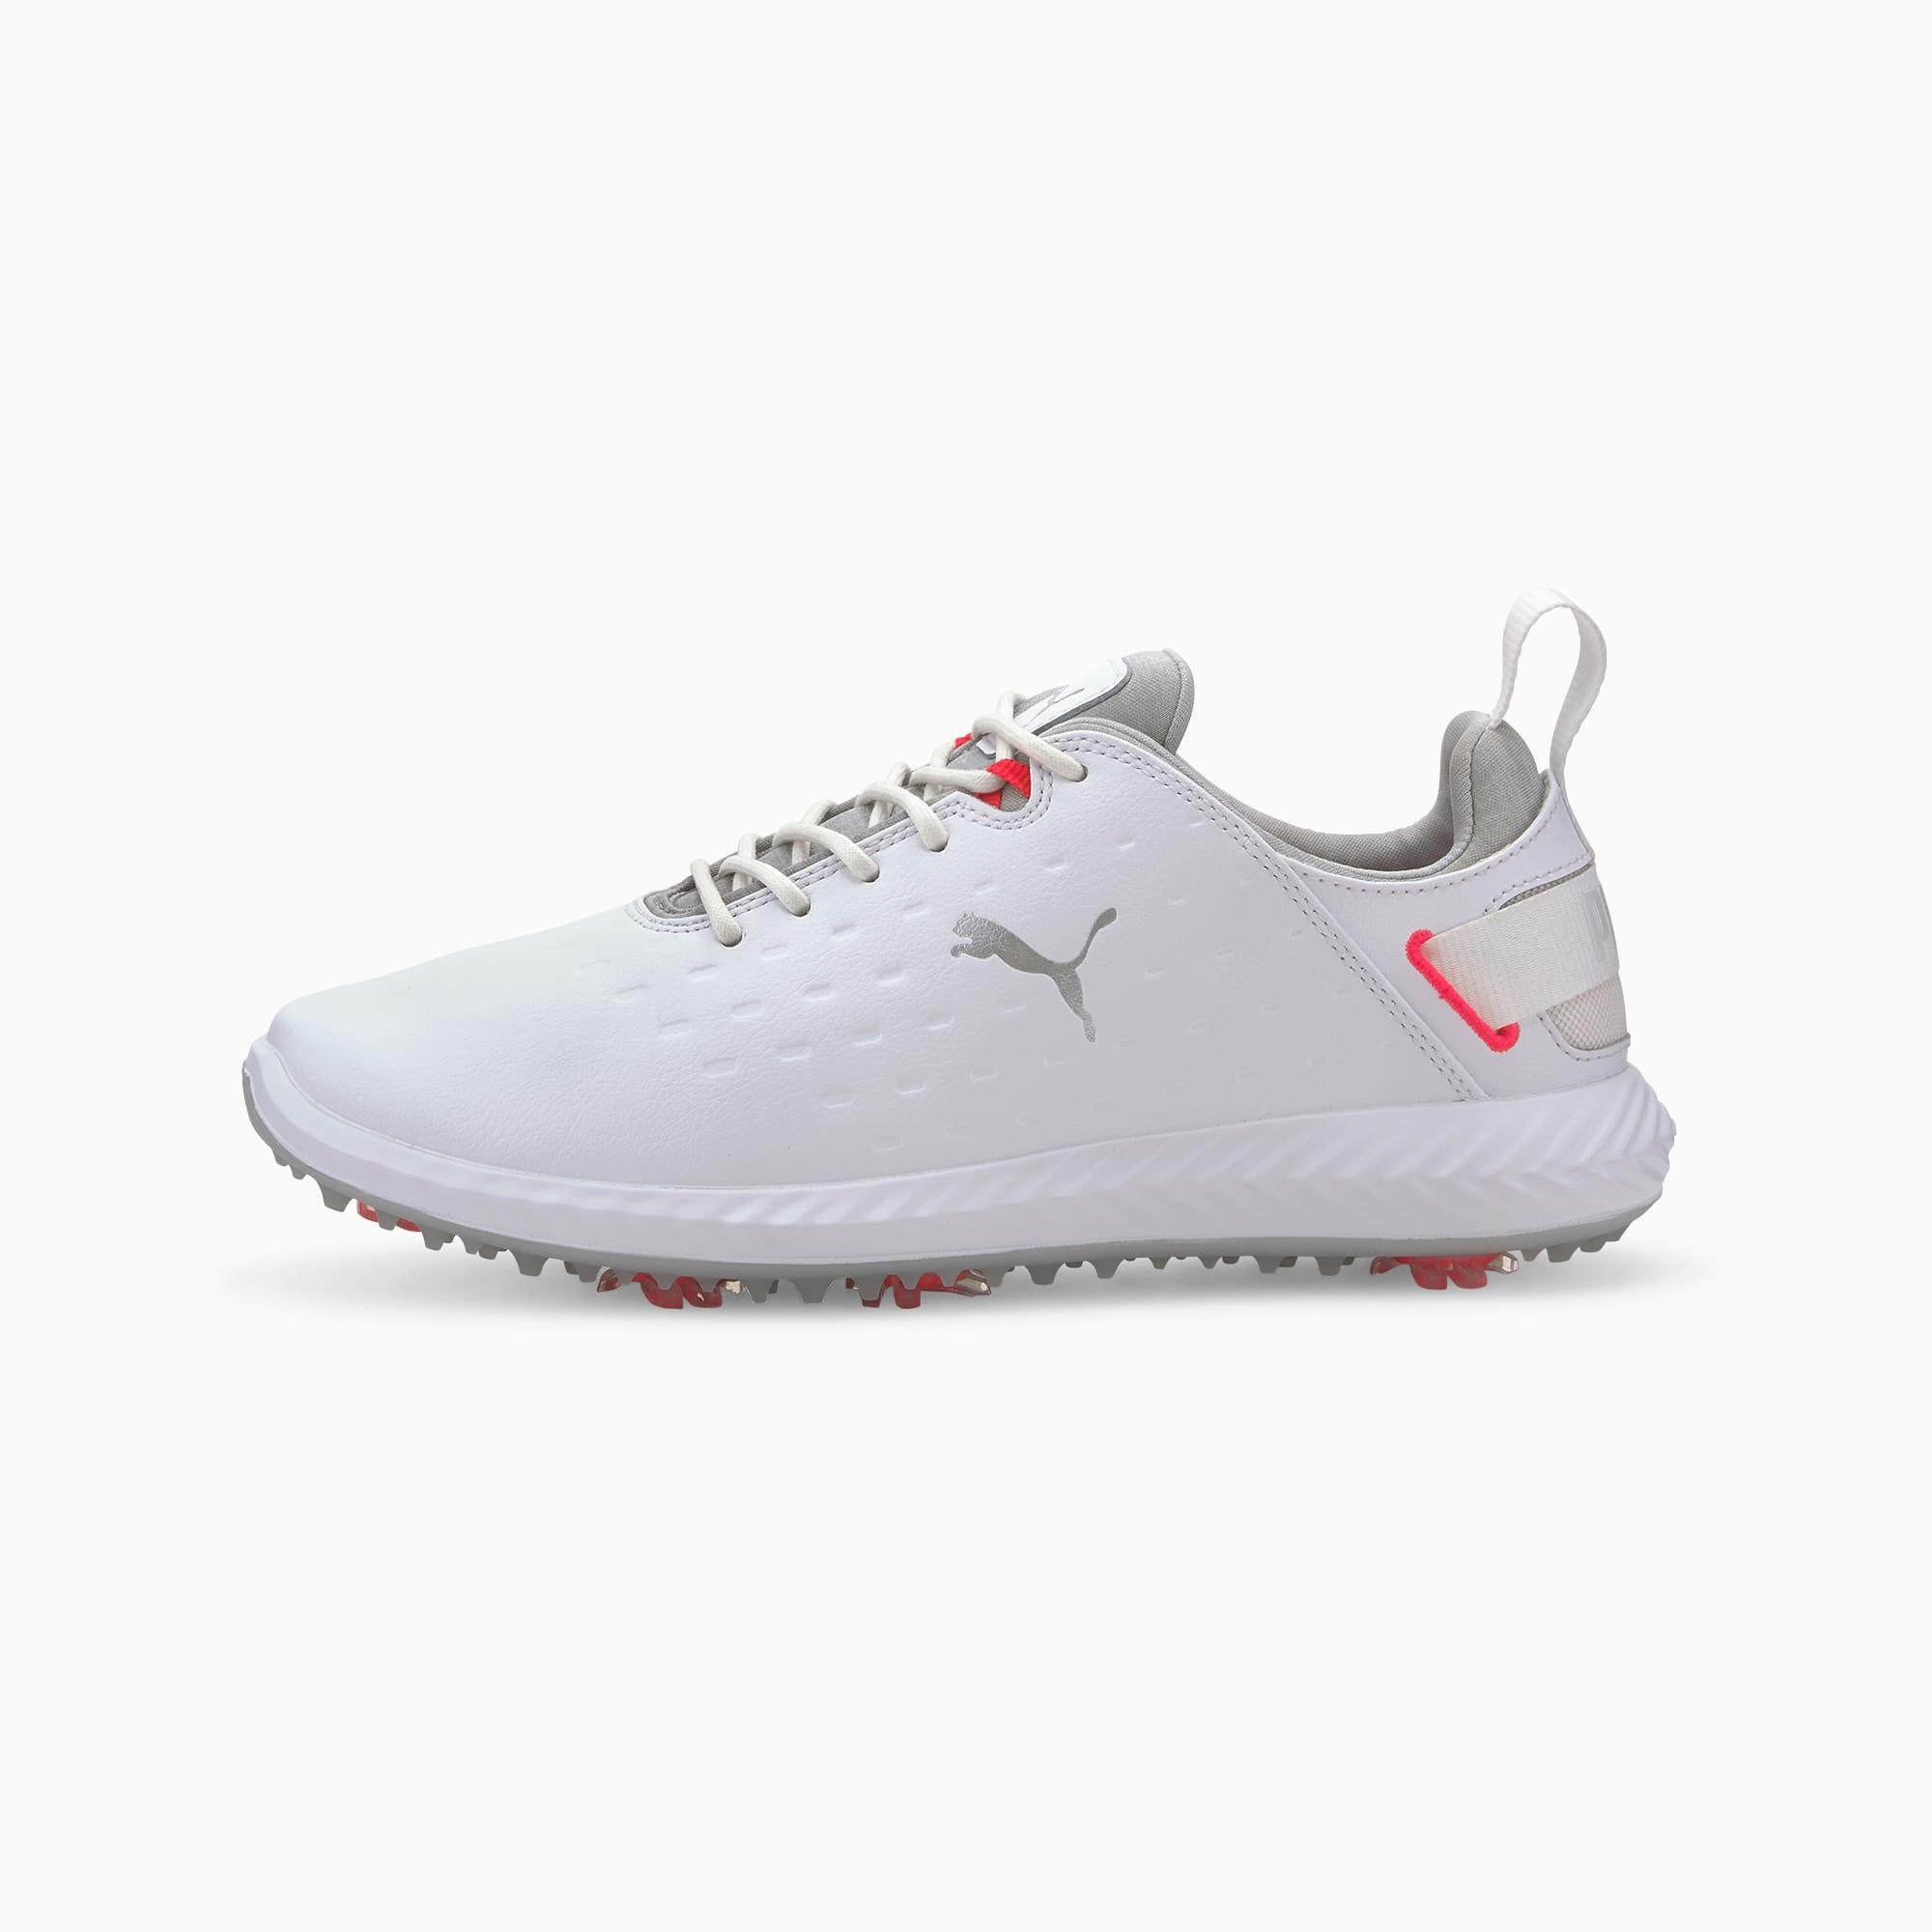 scarpe puma da golf